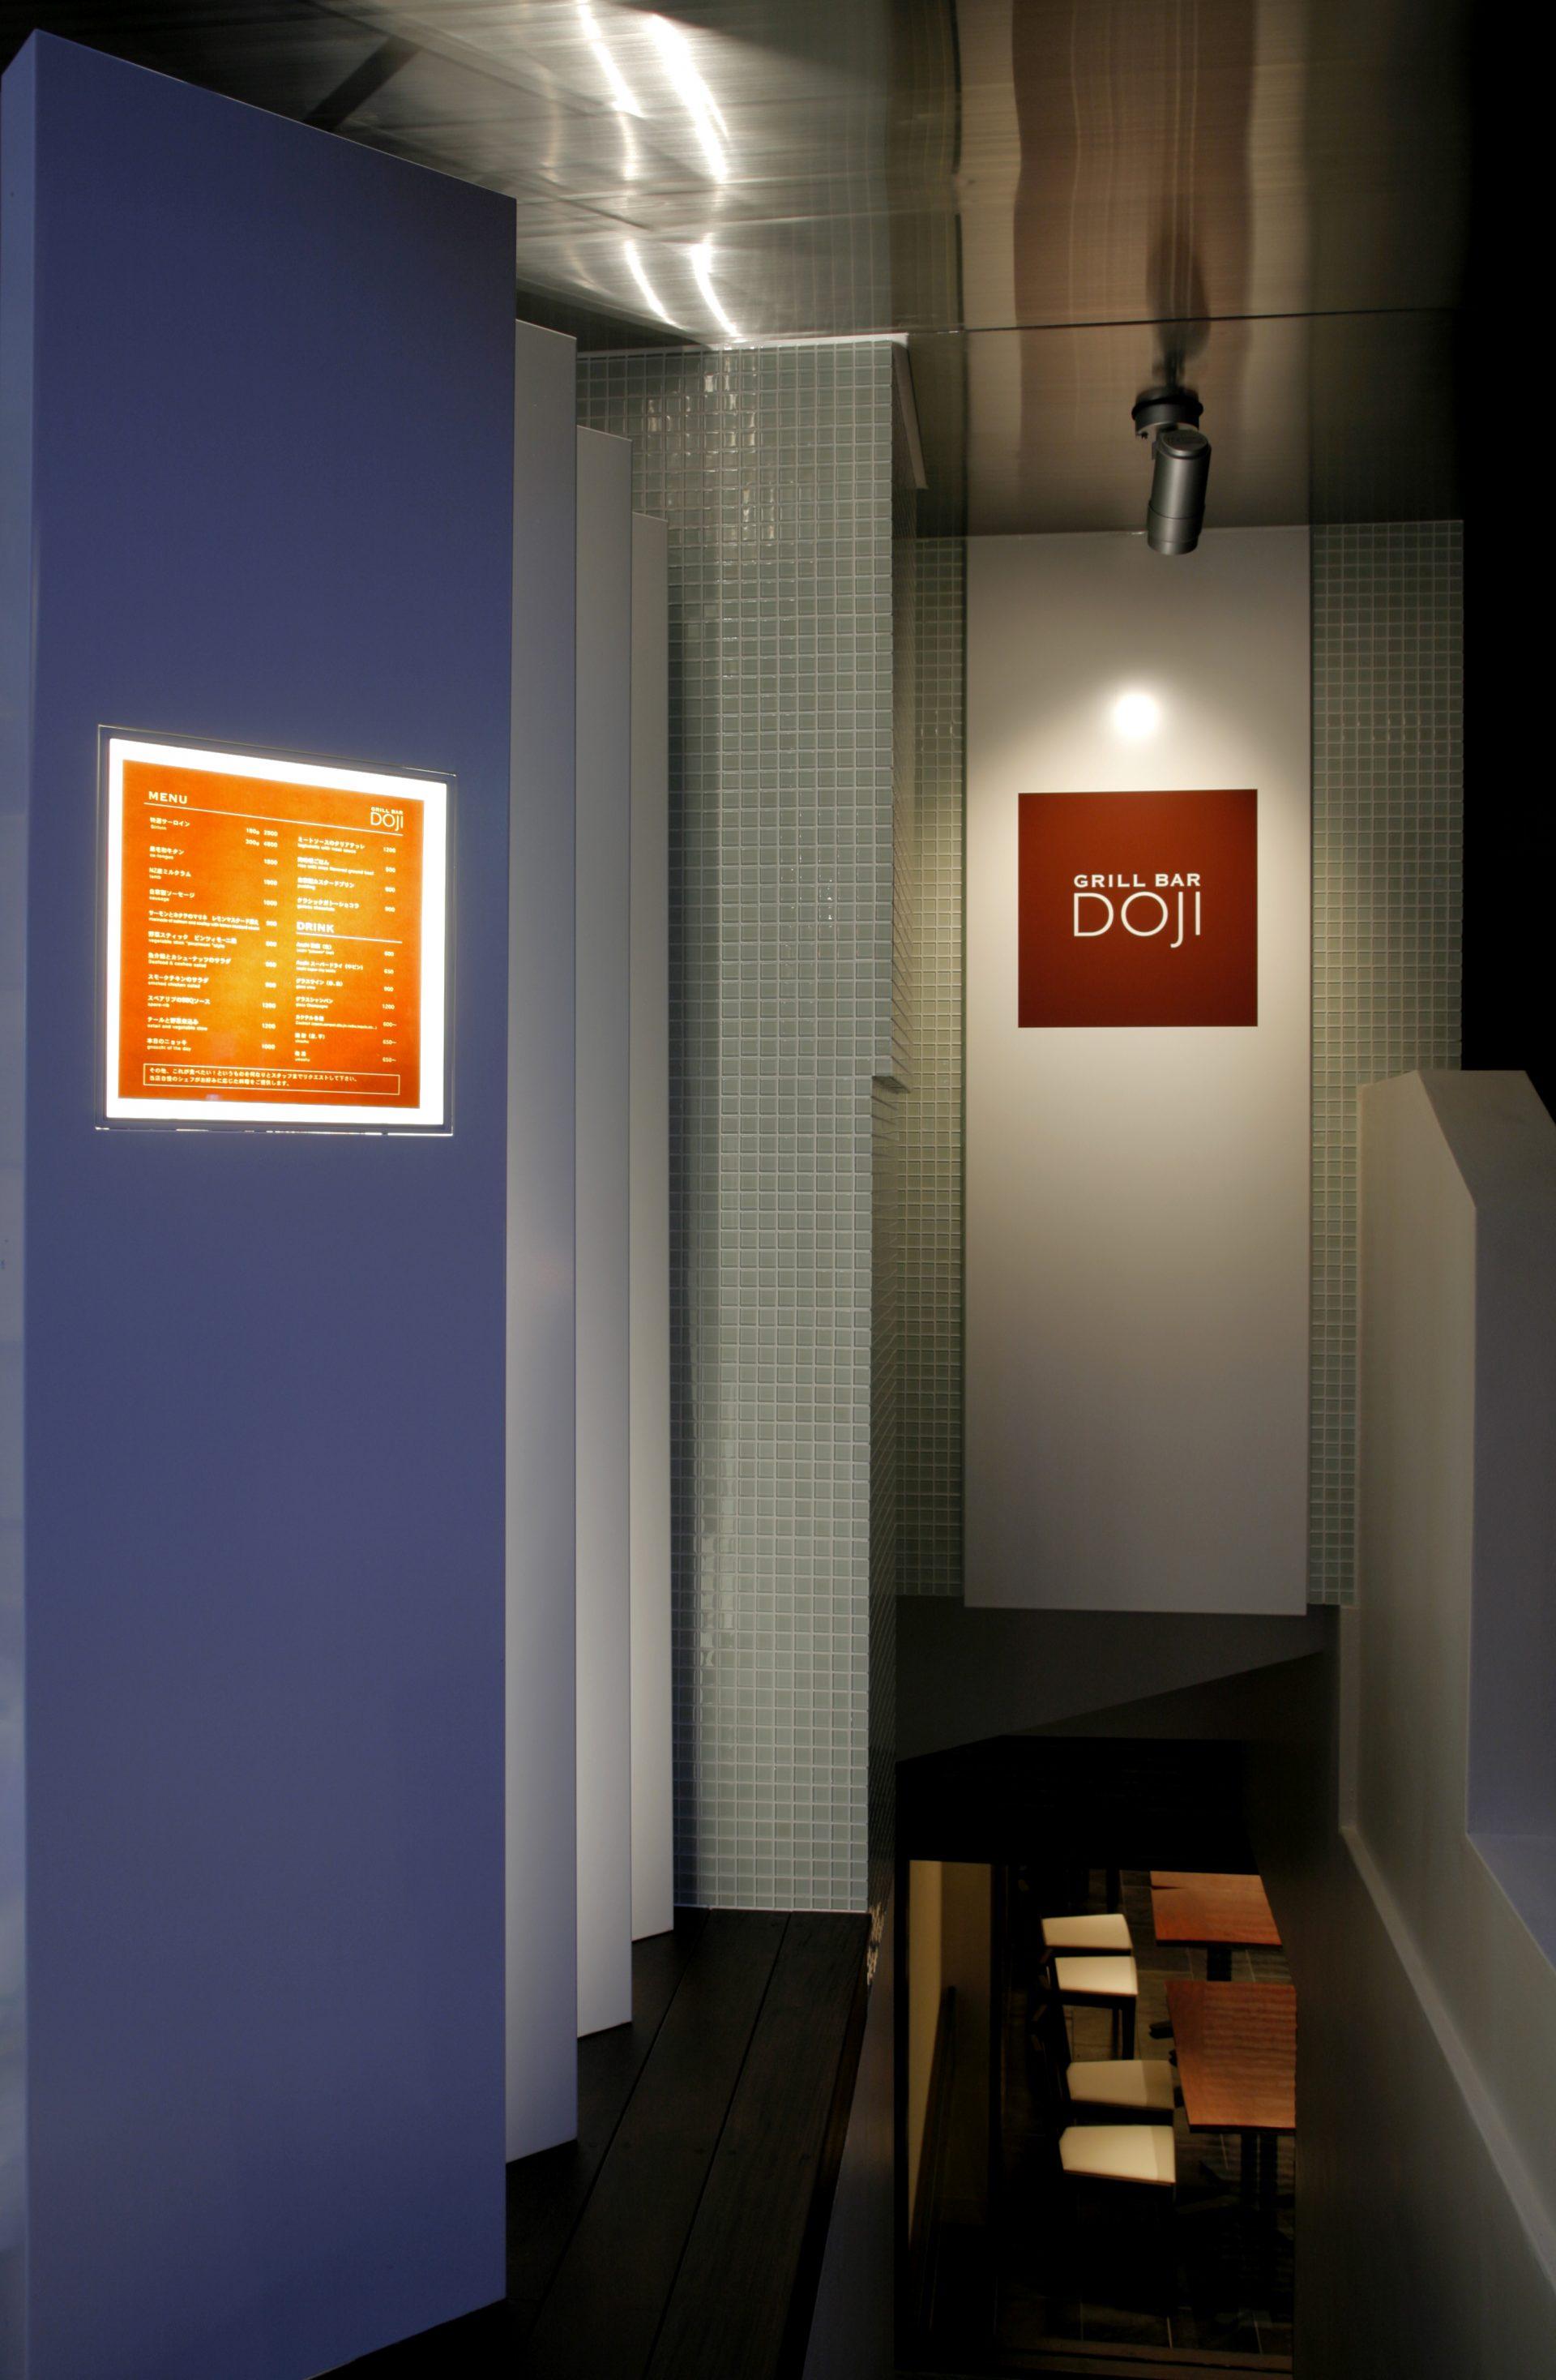 DOJI_011